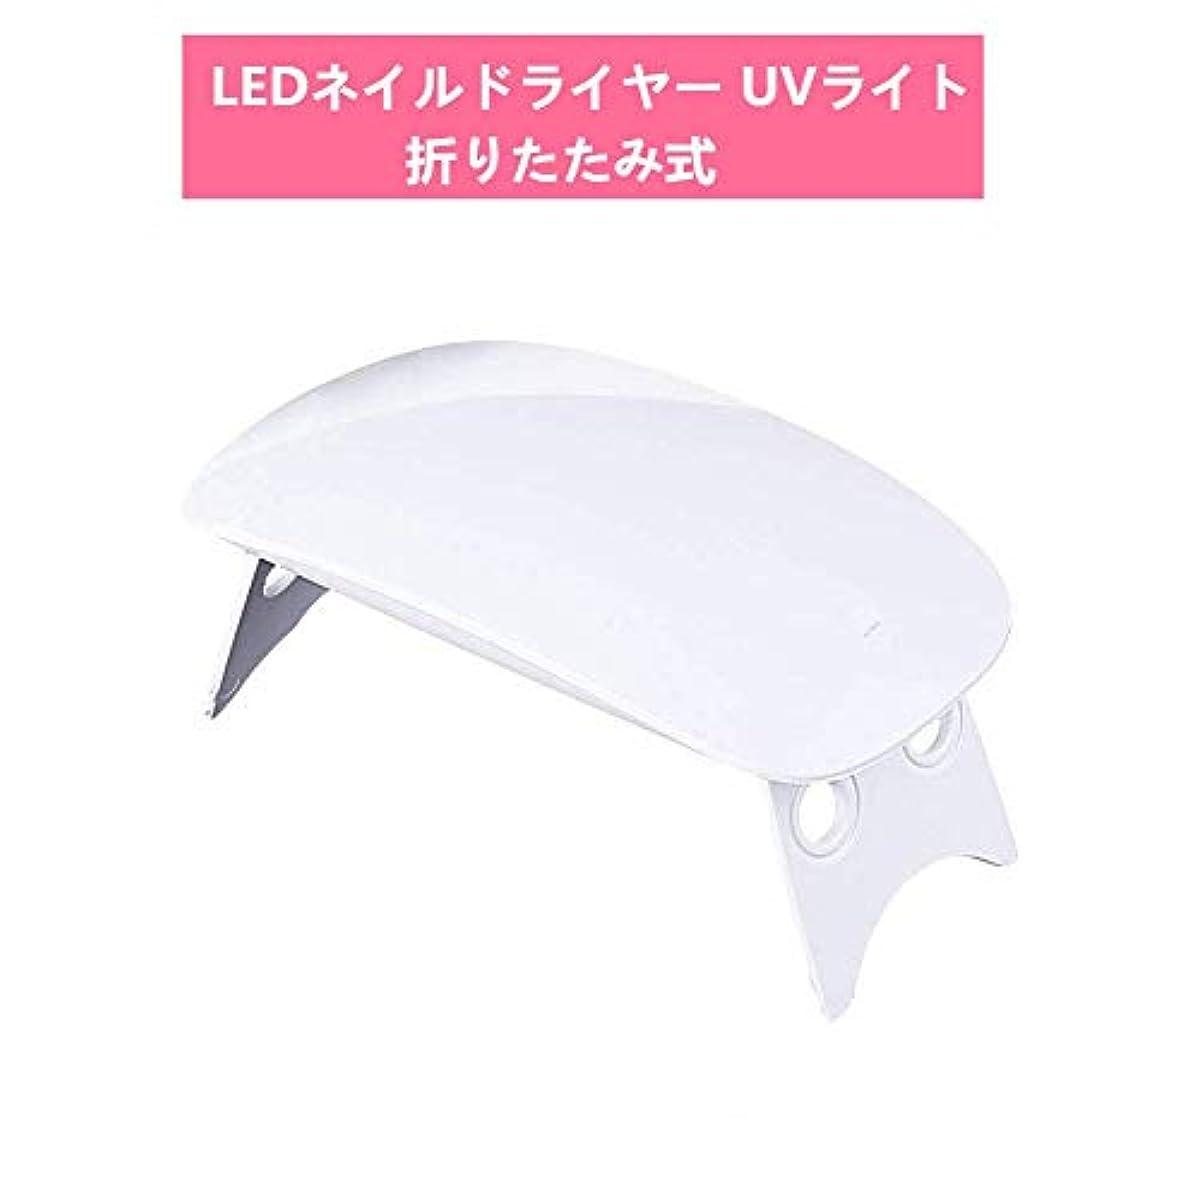 湖脅迫のヒープFACAI LEDネイルドライヤー UVライト 折りたたみ式 設定可能 タイマー ジェルネイル LED 硬化ライト UV と LEDダブルライト ジェルネイル用 ホワイト